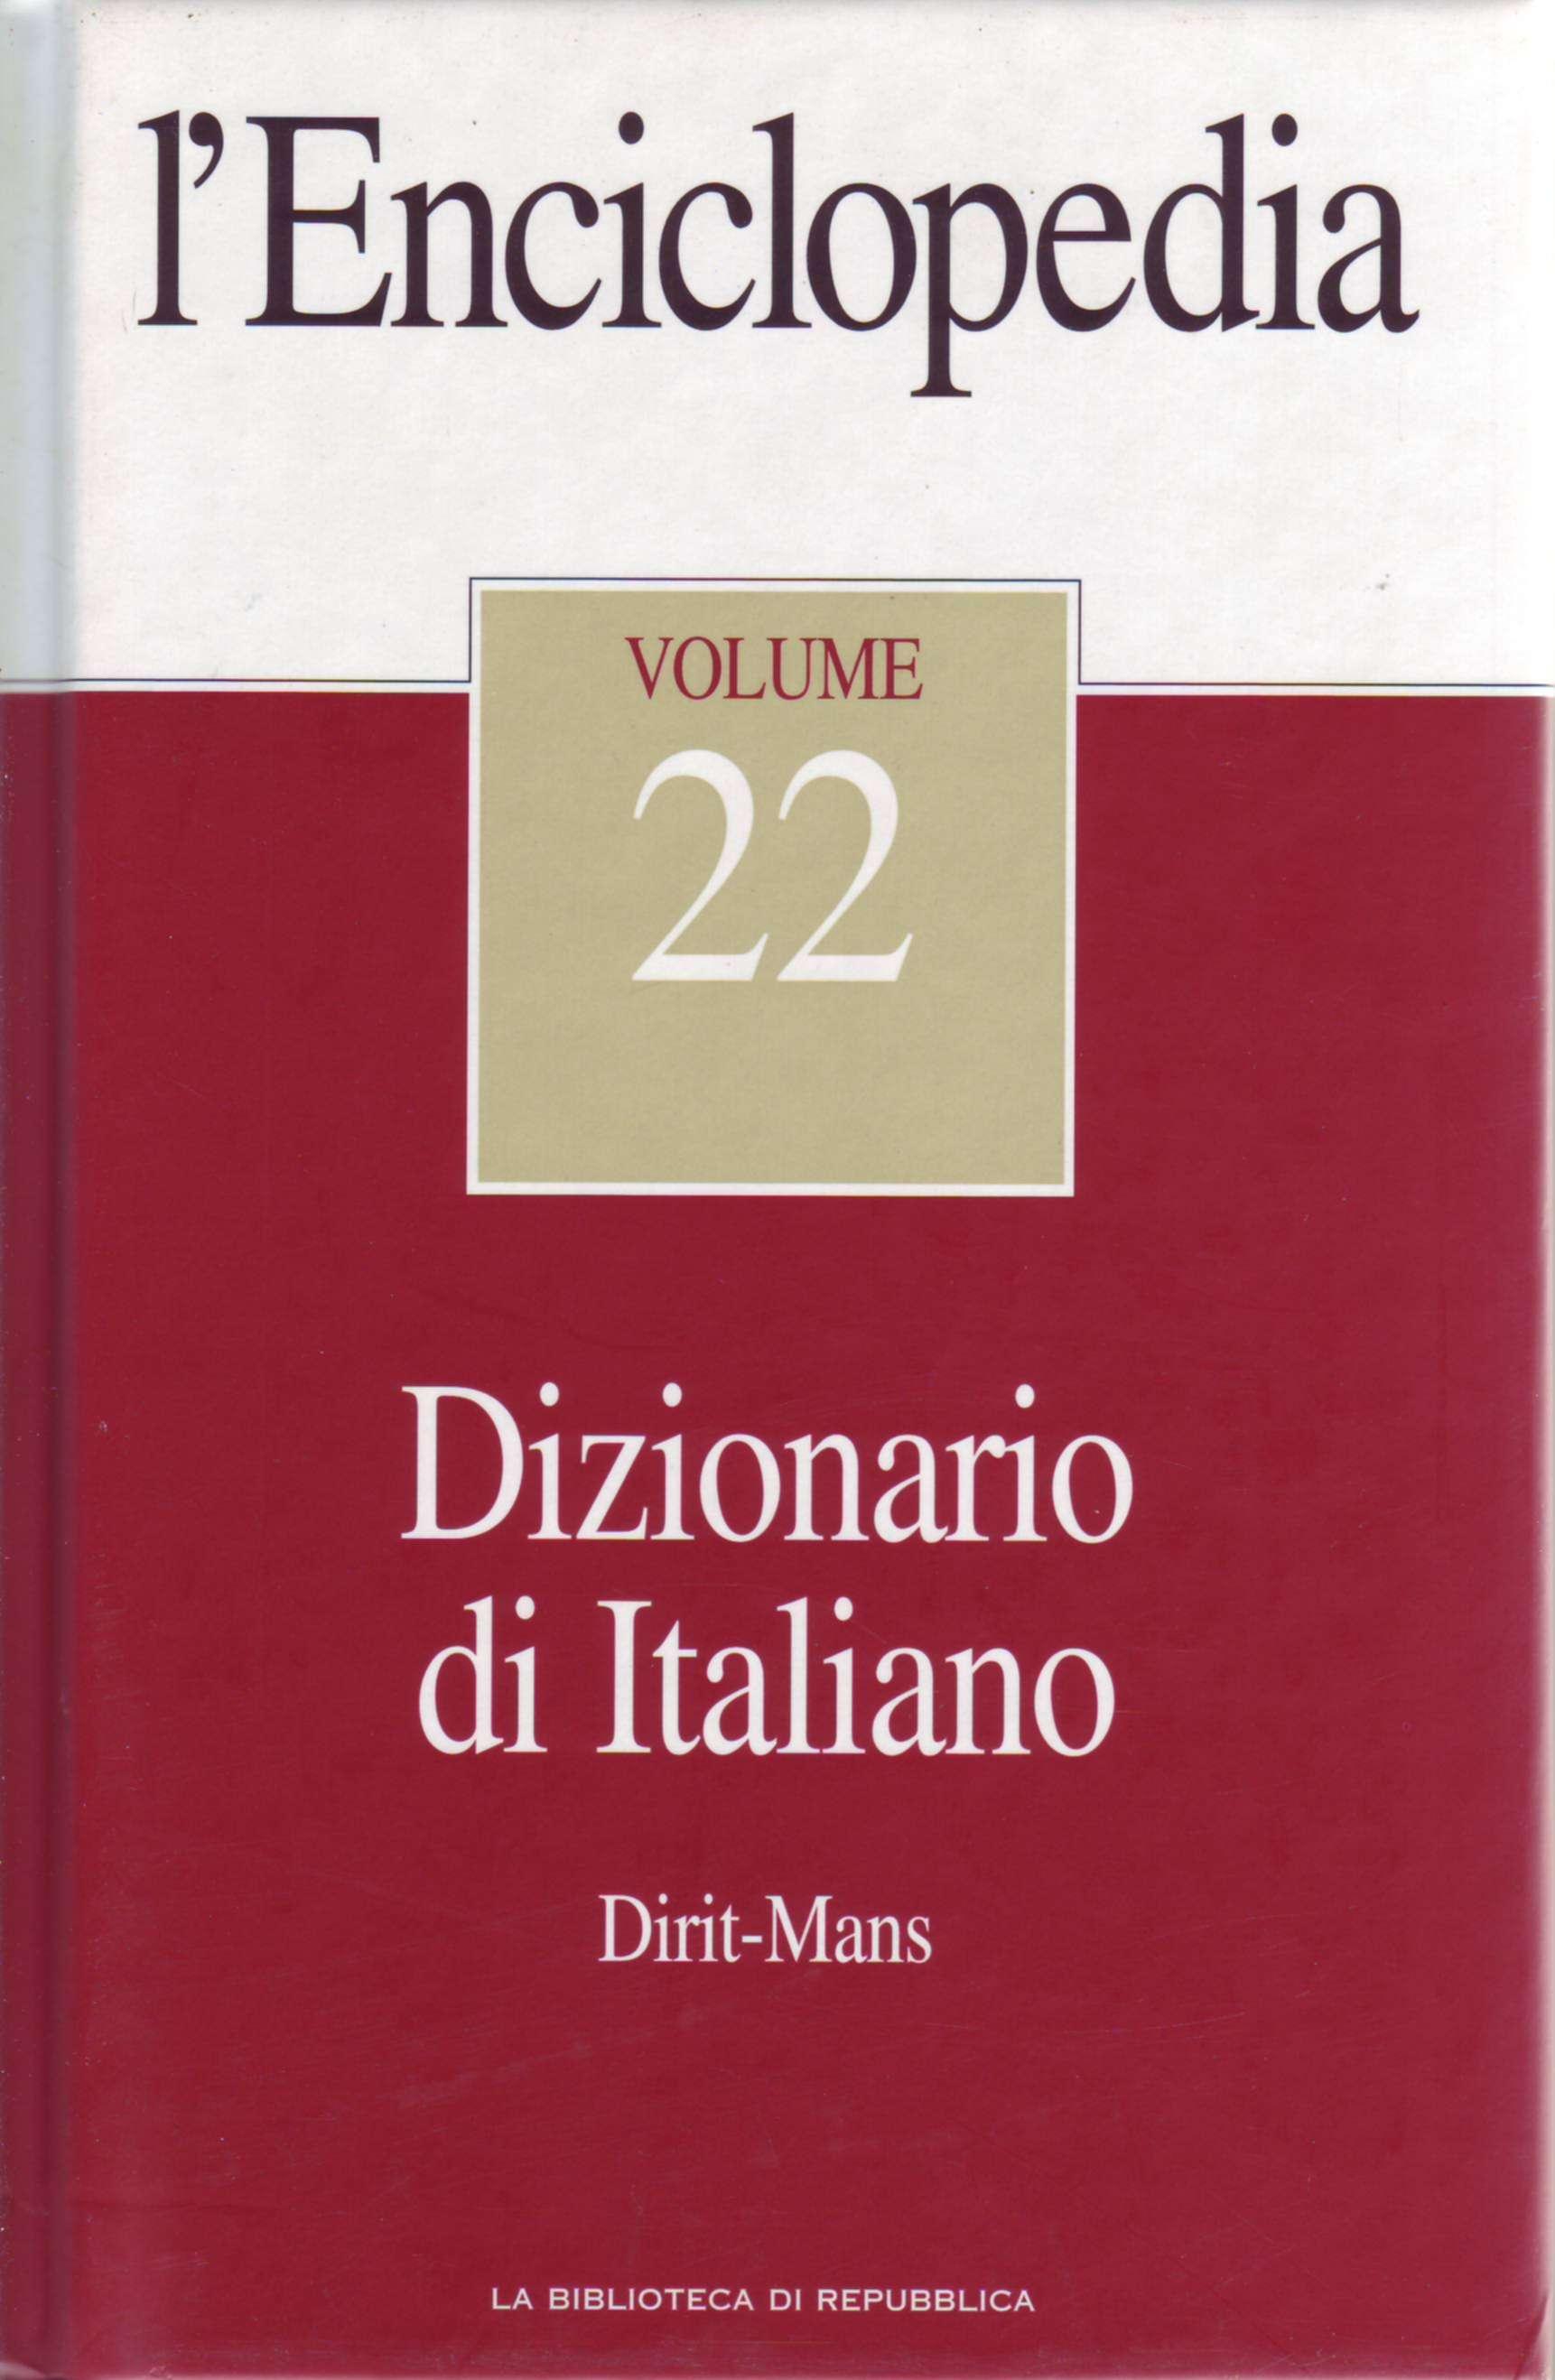 L'Enciclopedia - Vol. 22 - Dizionario di Italiano 2